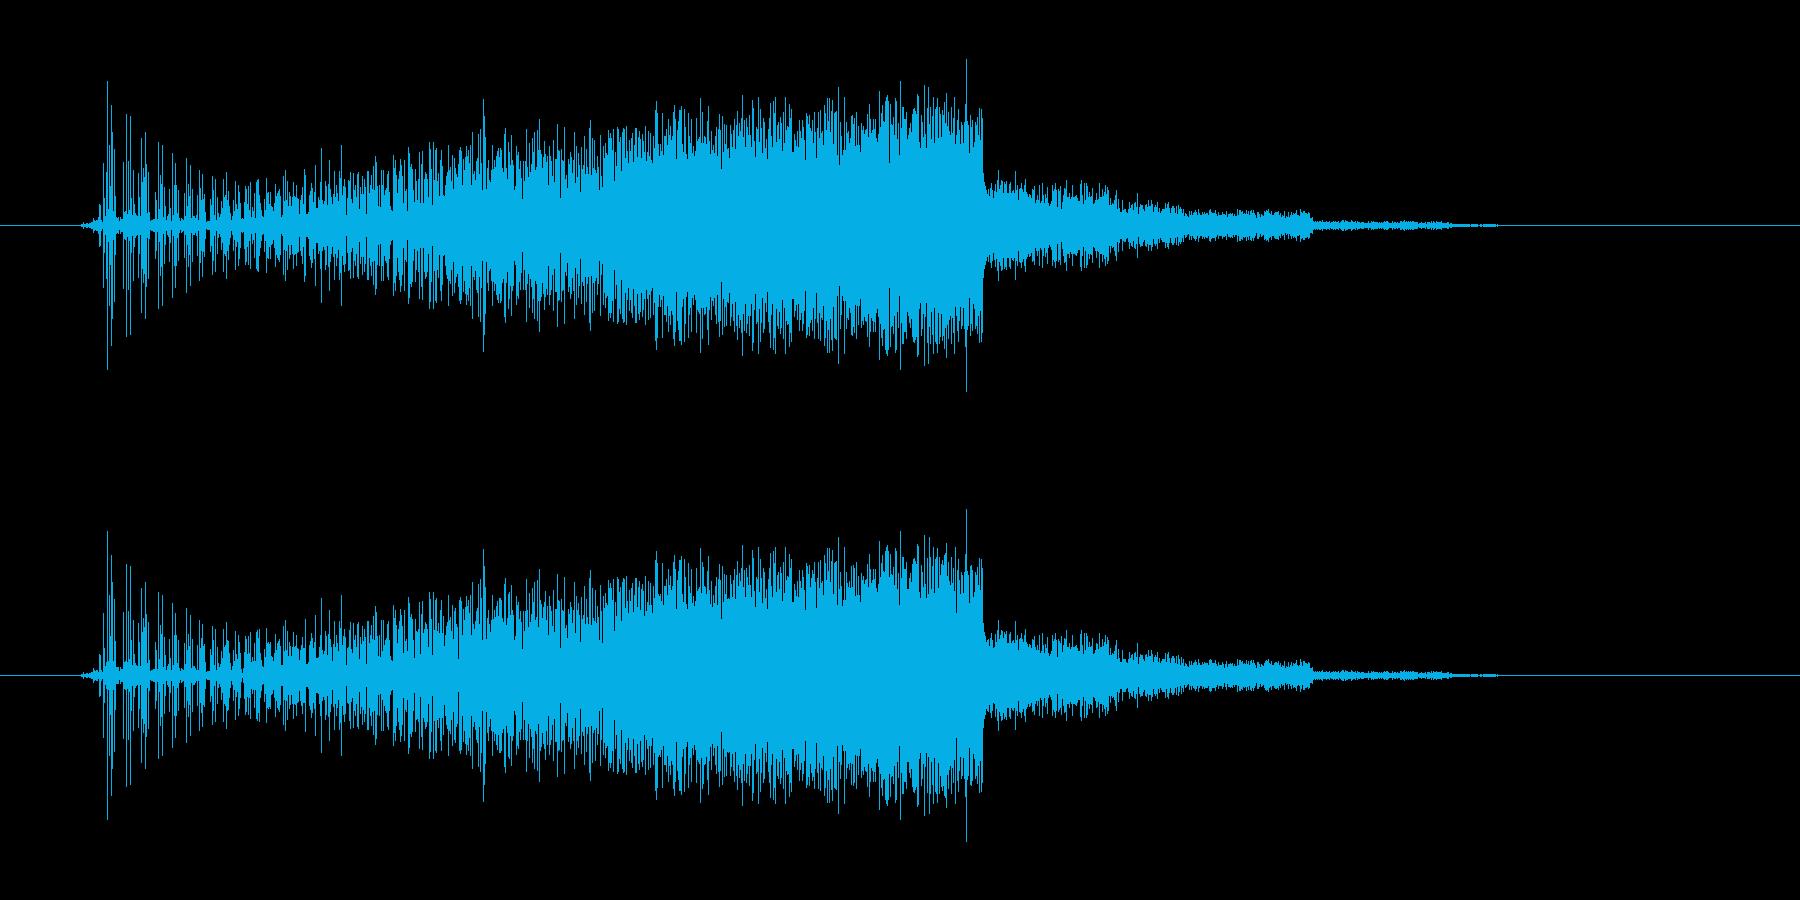 セレクト音(ギュイーン)の再生済みの波形